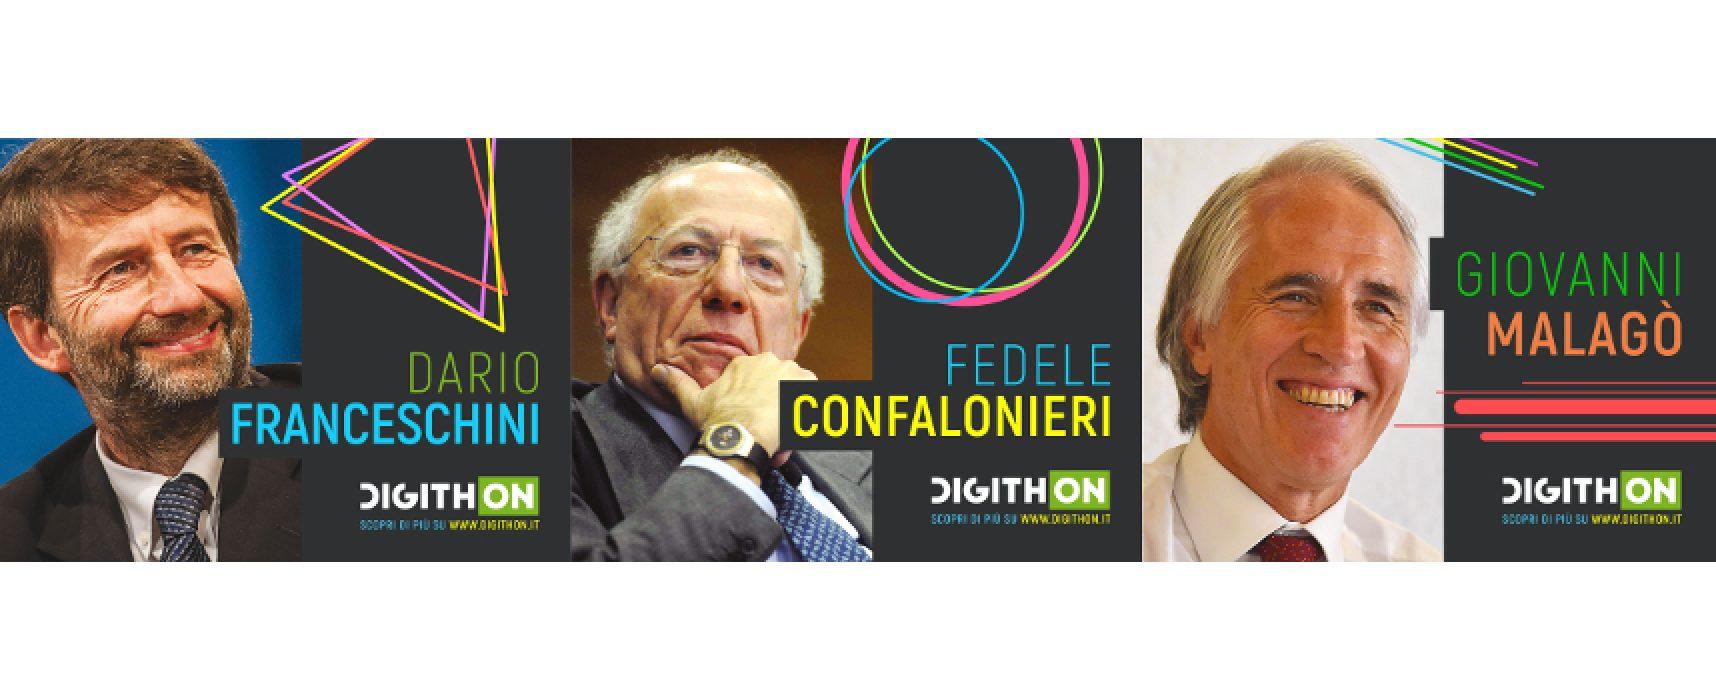 Oggi è il giorno di DigithON: Franceschini, Confalonieri e Malagò i primi ospiti della II edizione